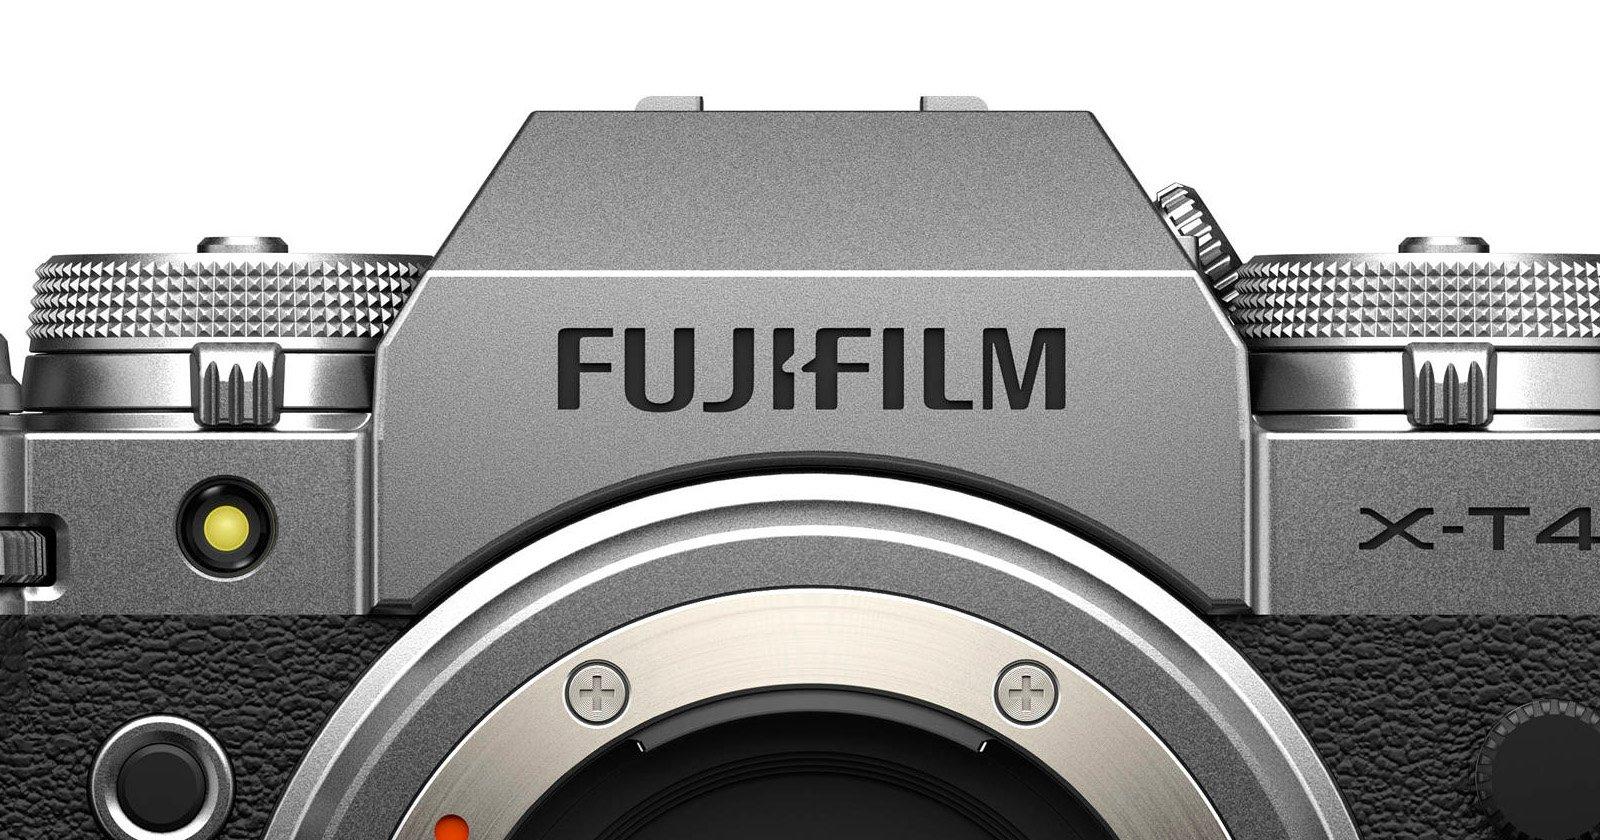 Fujifilm punta sull'assistenza sanitaria, ma afferma che non abbandonerà la fotografia